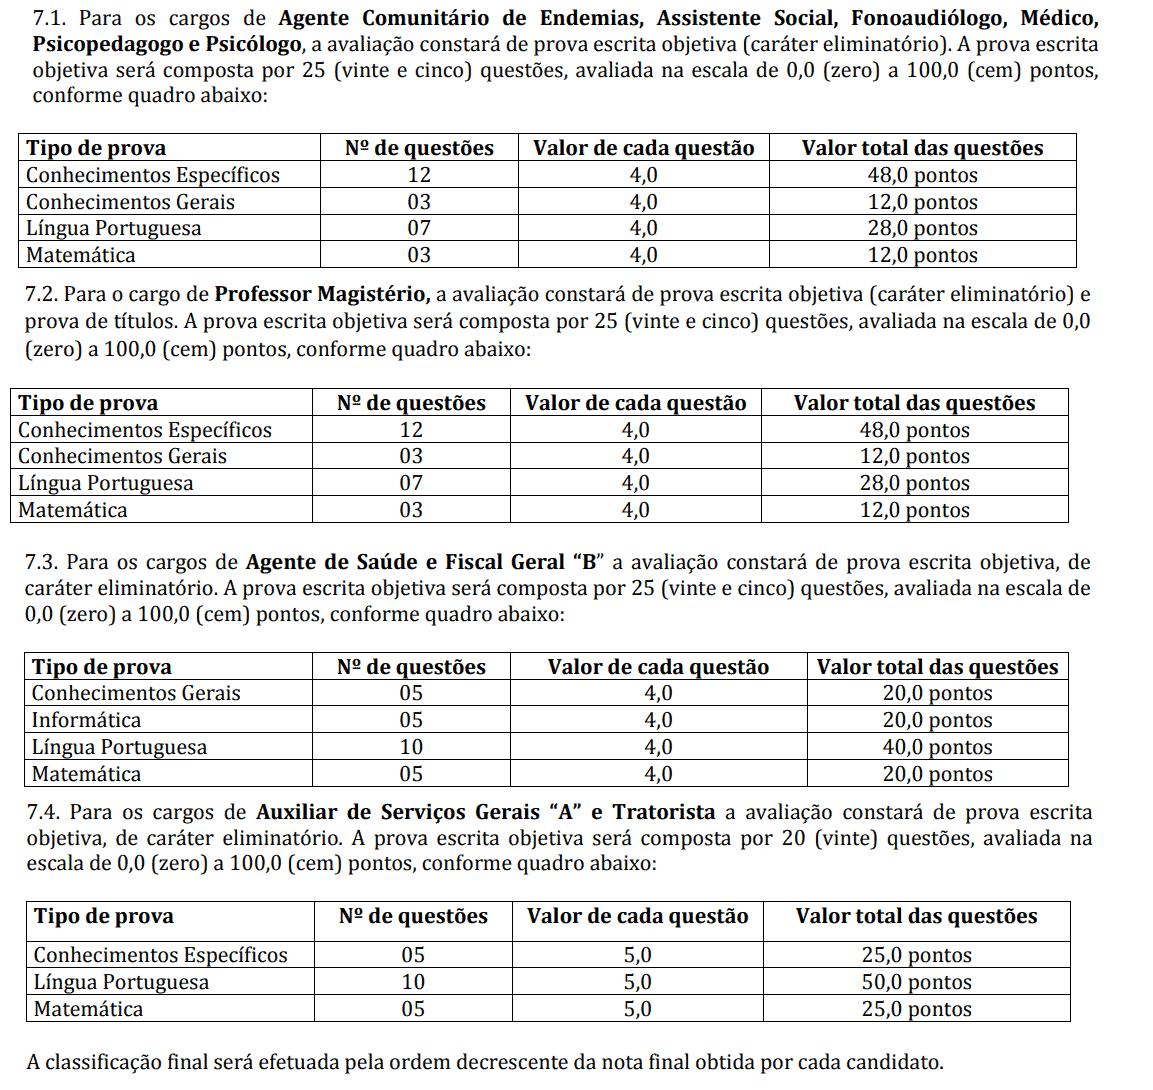 317 - Processo seletivo Prefeitura de São Pedro do Paraná PR: Inscrições encerradas